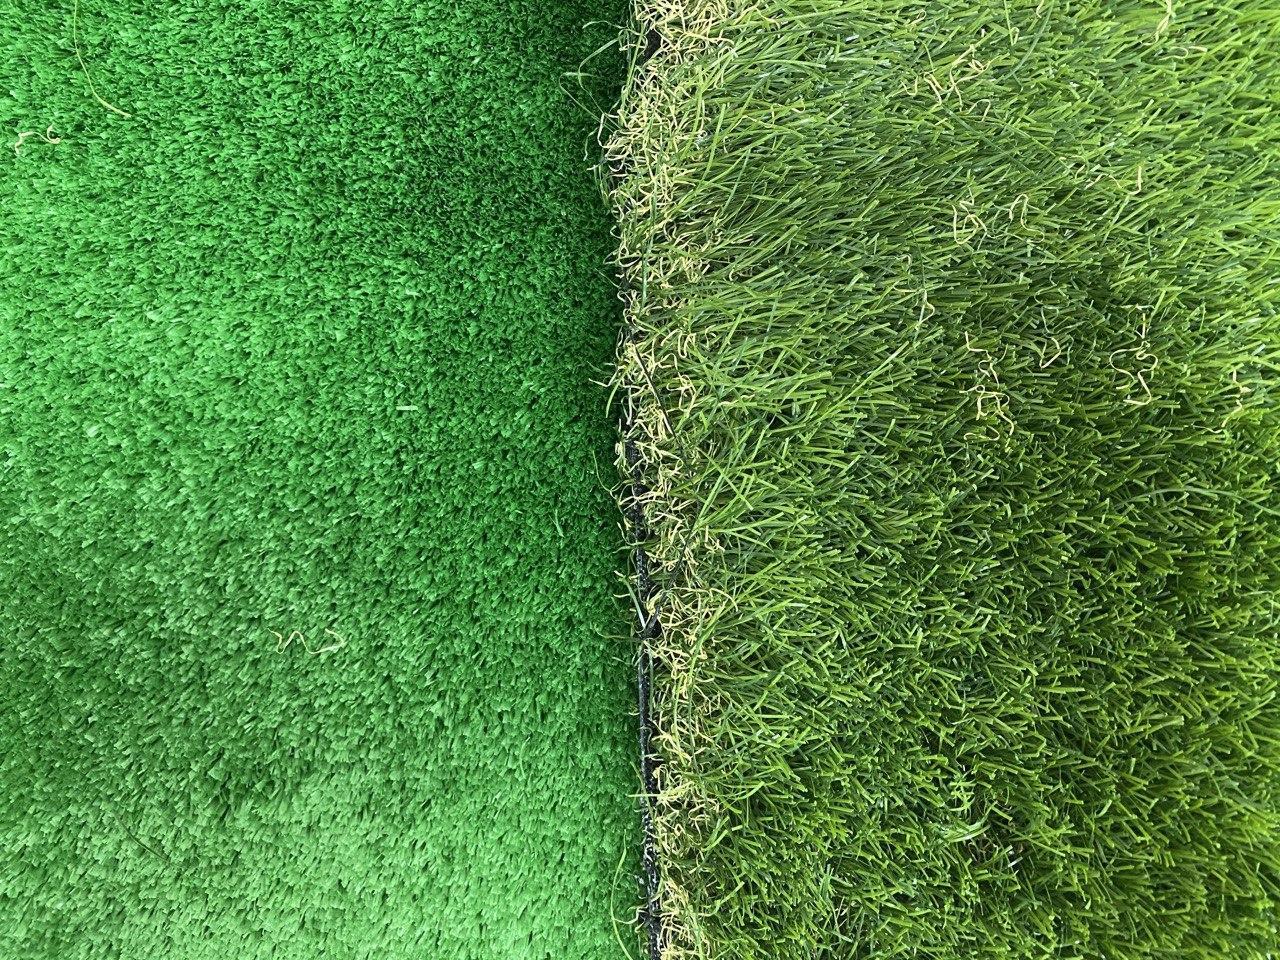 Слева низковорсная, а справа высоковорсная искусственная трава